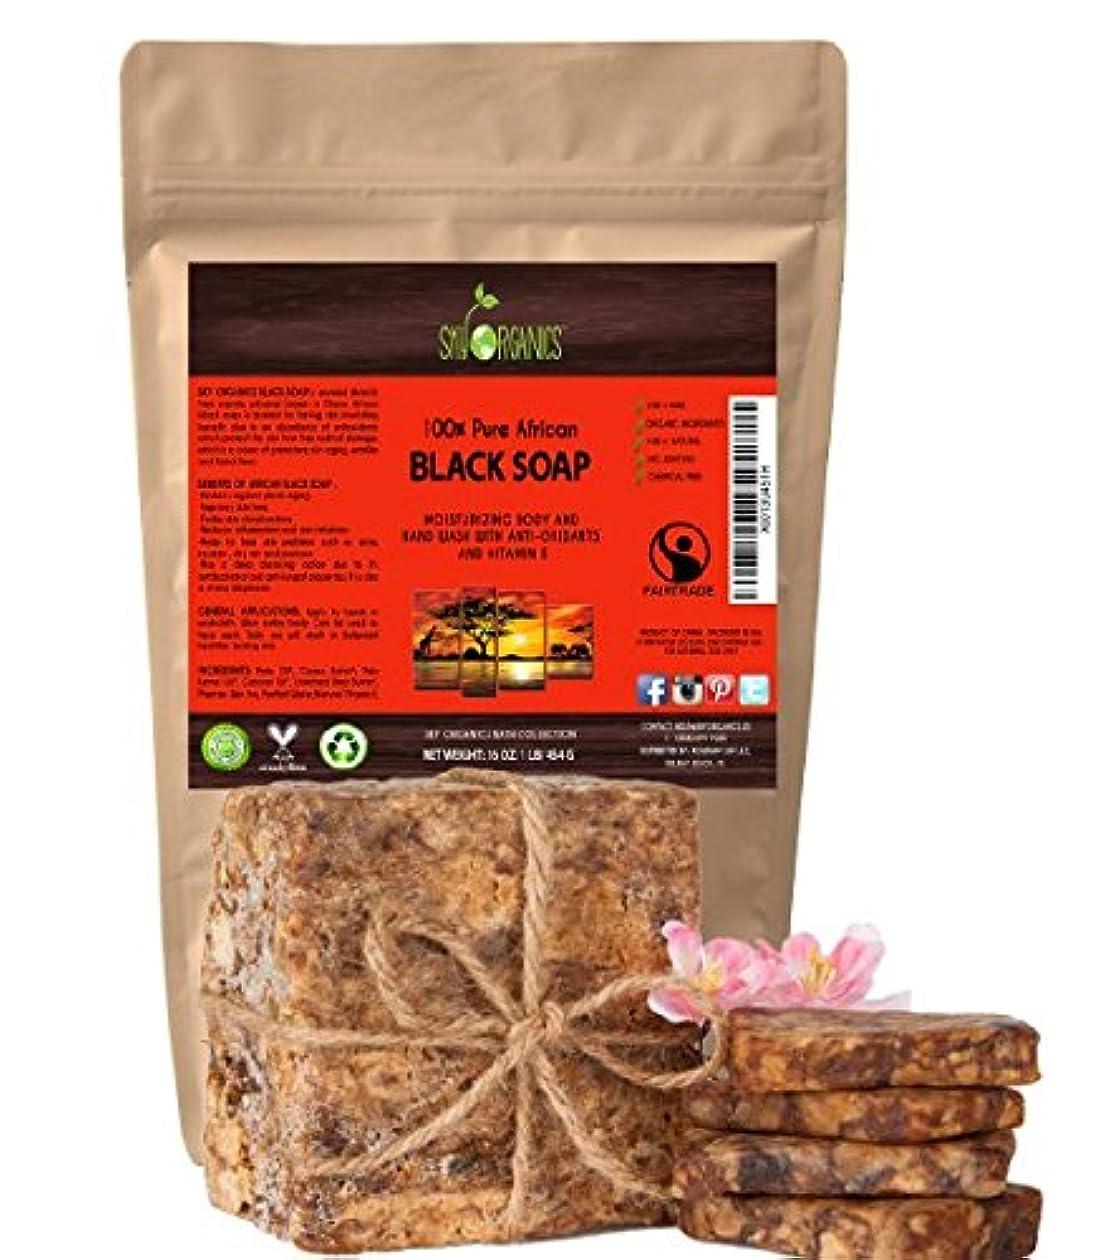 検出器いちゃつくトランクライブラリ切って使う オーガニック アフリカン ブラックソープ (約4563gブロック)Organic African Black Soap (16oz block) - Raw Organic Soap Ideal for Acne...